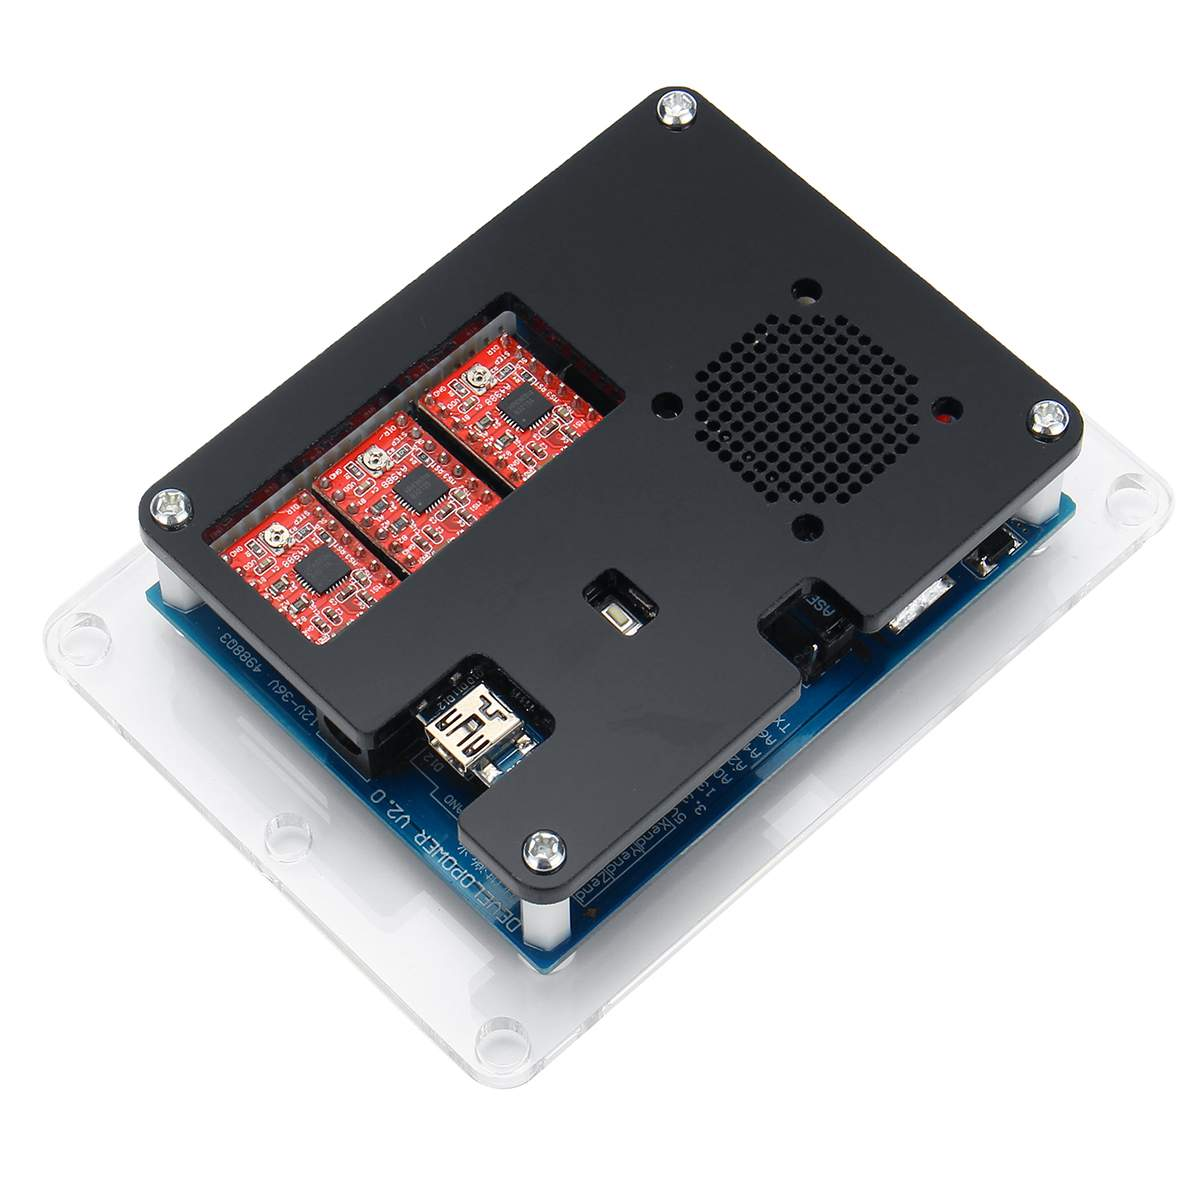 WOLIKE USB ЧПУ контроллер 2 оси гравировальный станок плата управления карты интегрированный драйвер поворотный центр с офлайн GRBL